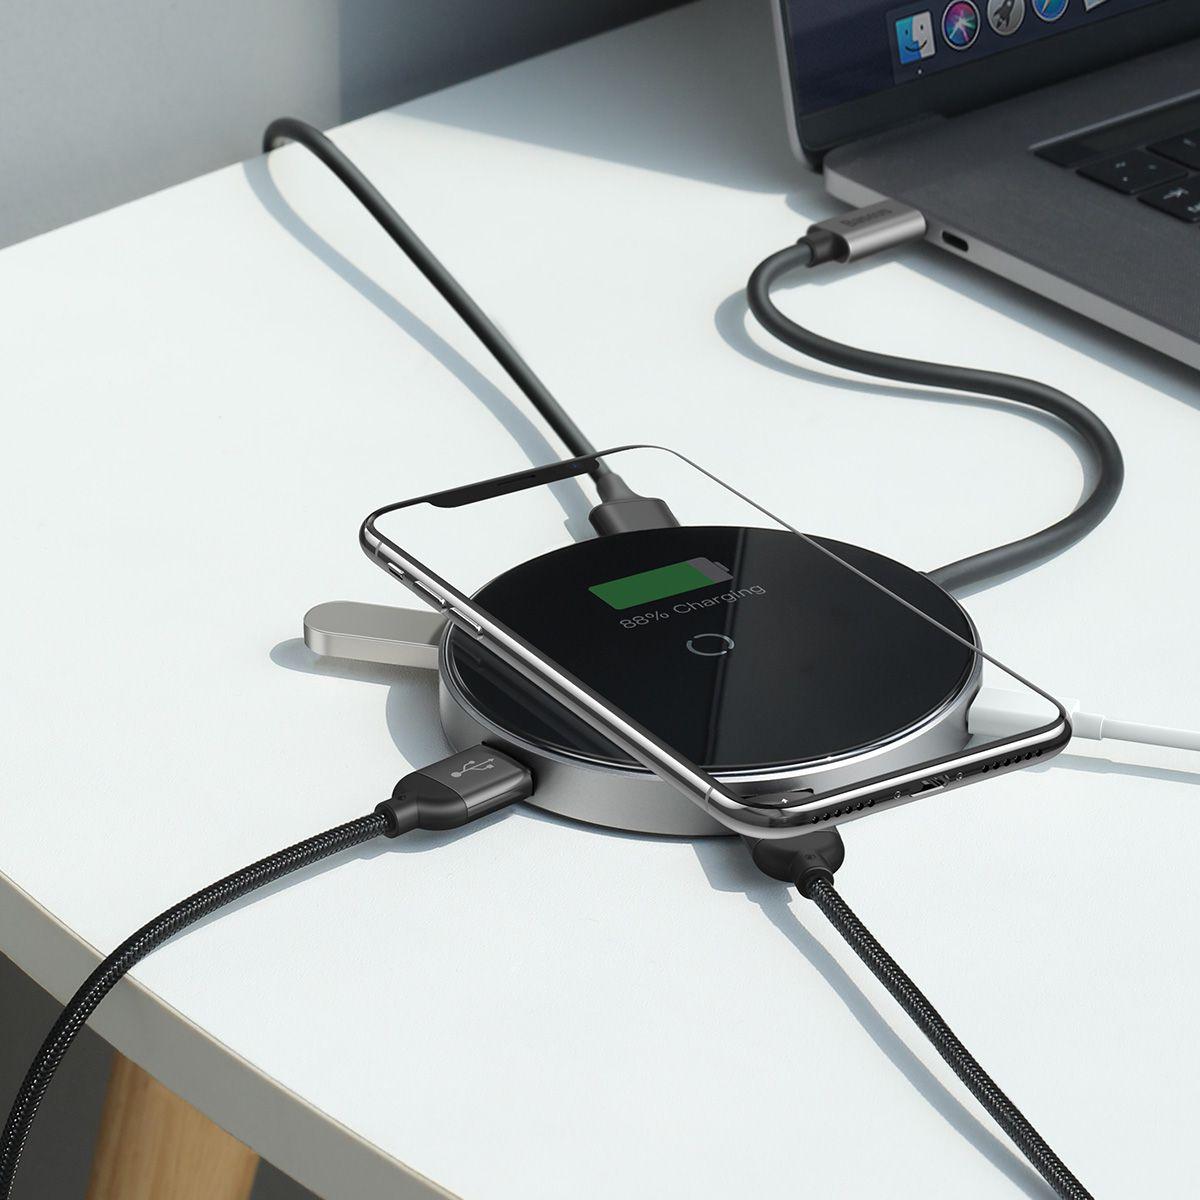 Hub Carregador Sem Fio Baseus Type-C (PD) + HDMI 4K + USB 3.0 / USB 2.0 + Type-C (PD)